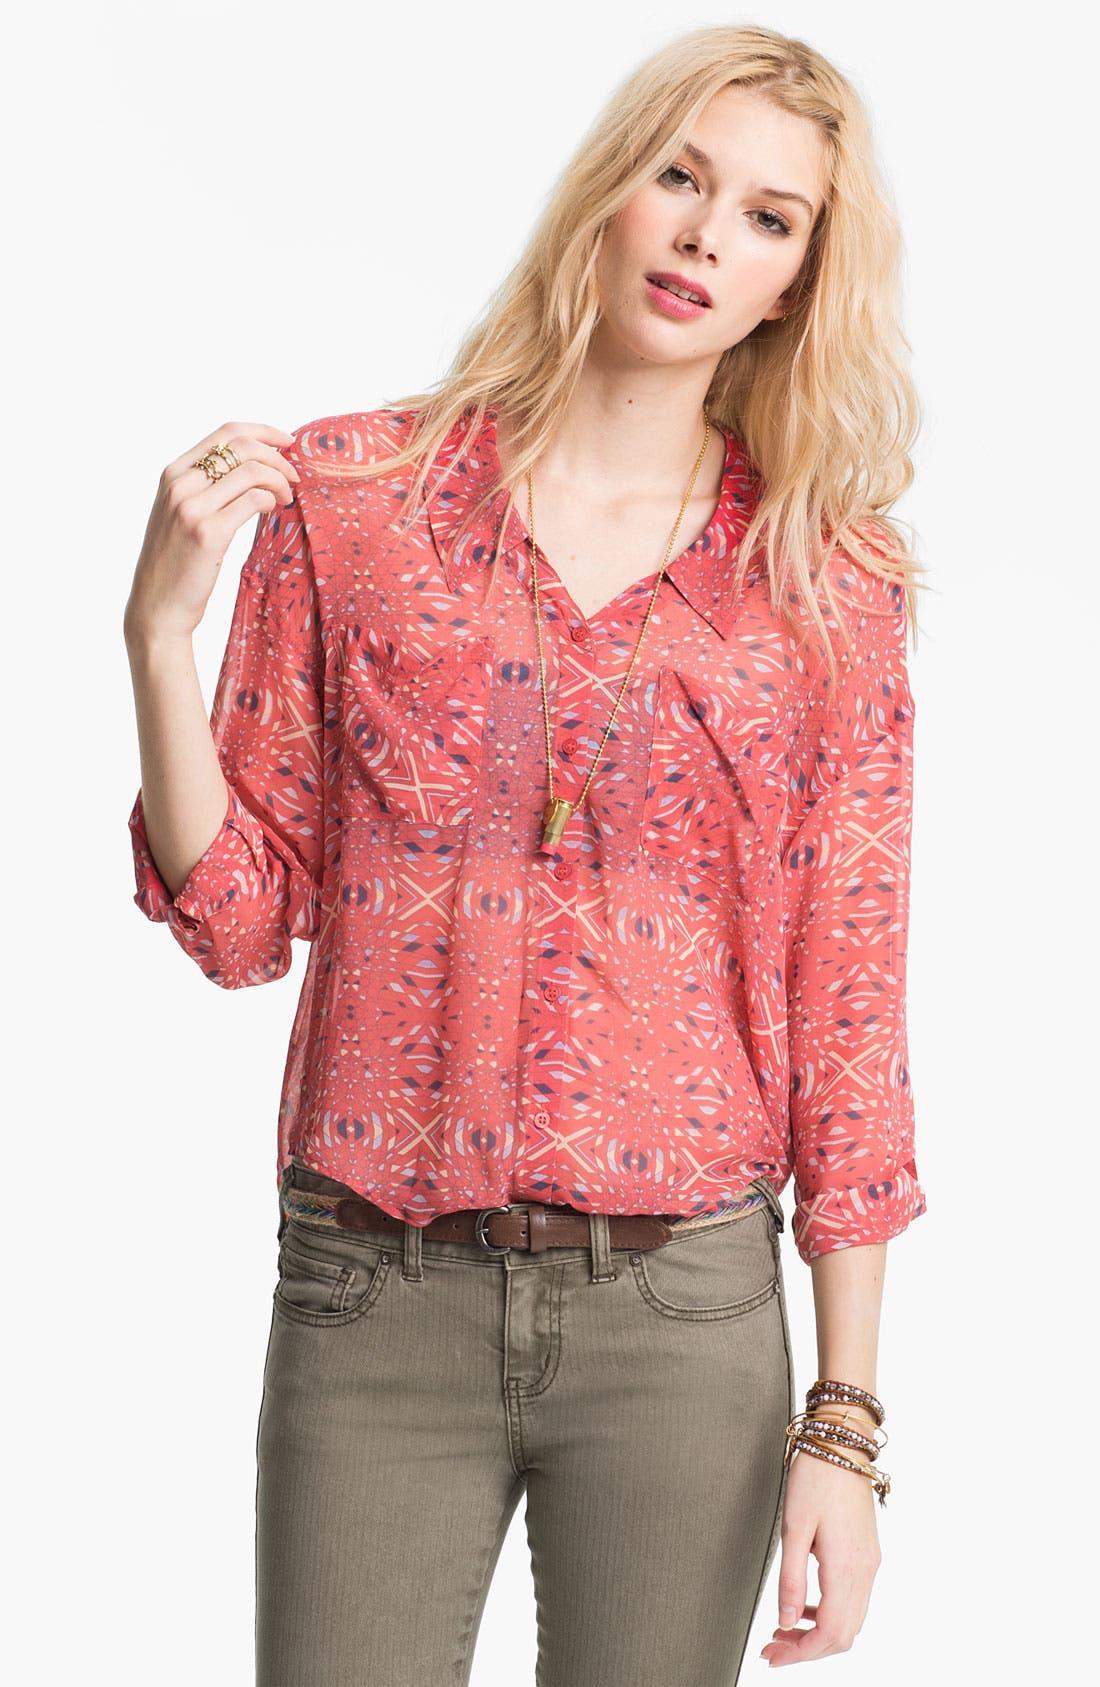 Alternate Image 1 Selected - Free People Kaleidoscope Print Chiffon Shirt